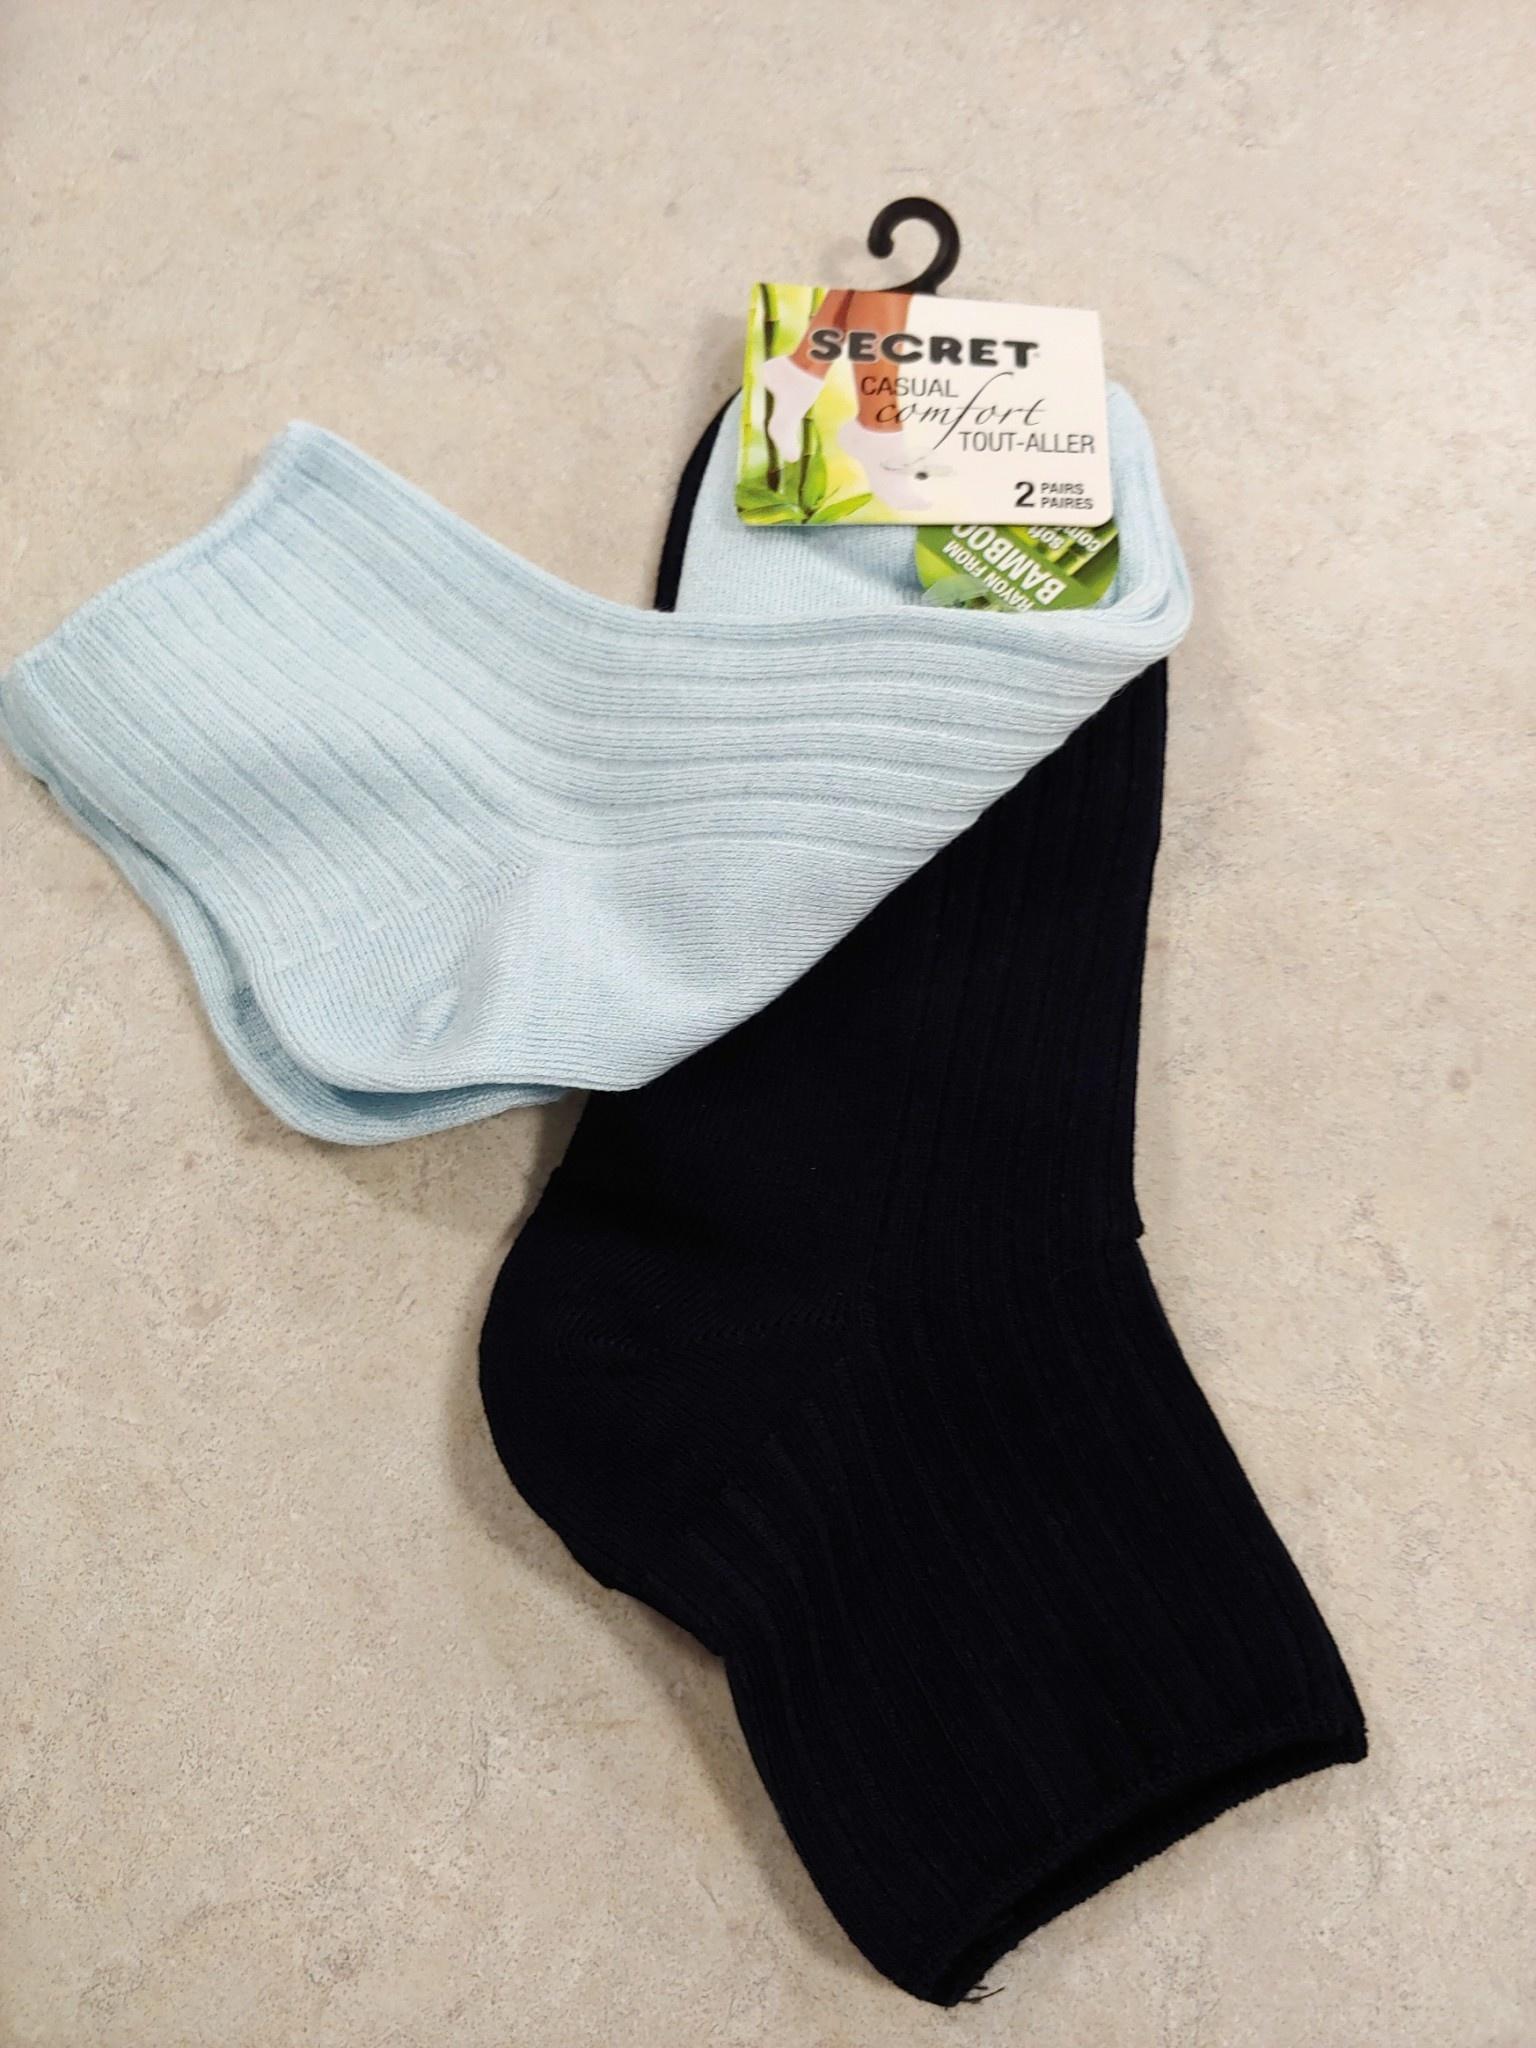 Silks bamboo ankle socks, 2 pack